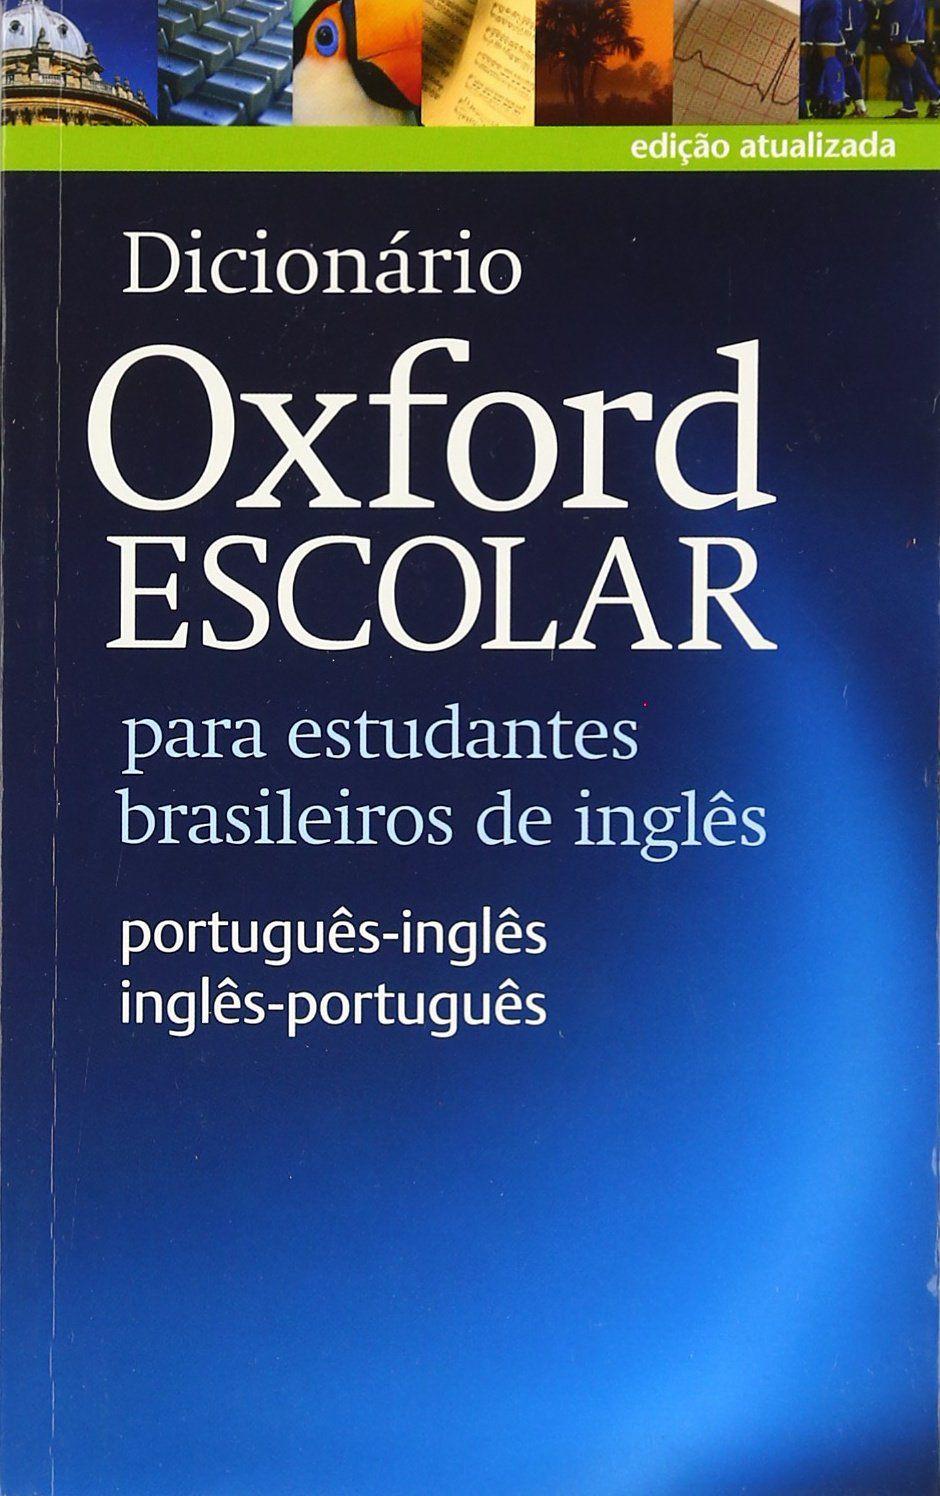 Dicionário Escolar Inglês-Português - oxford